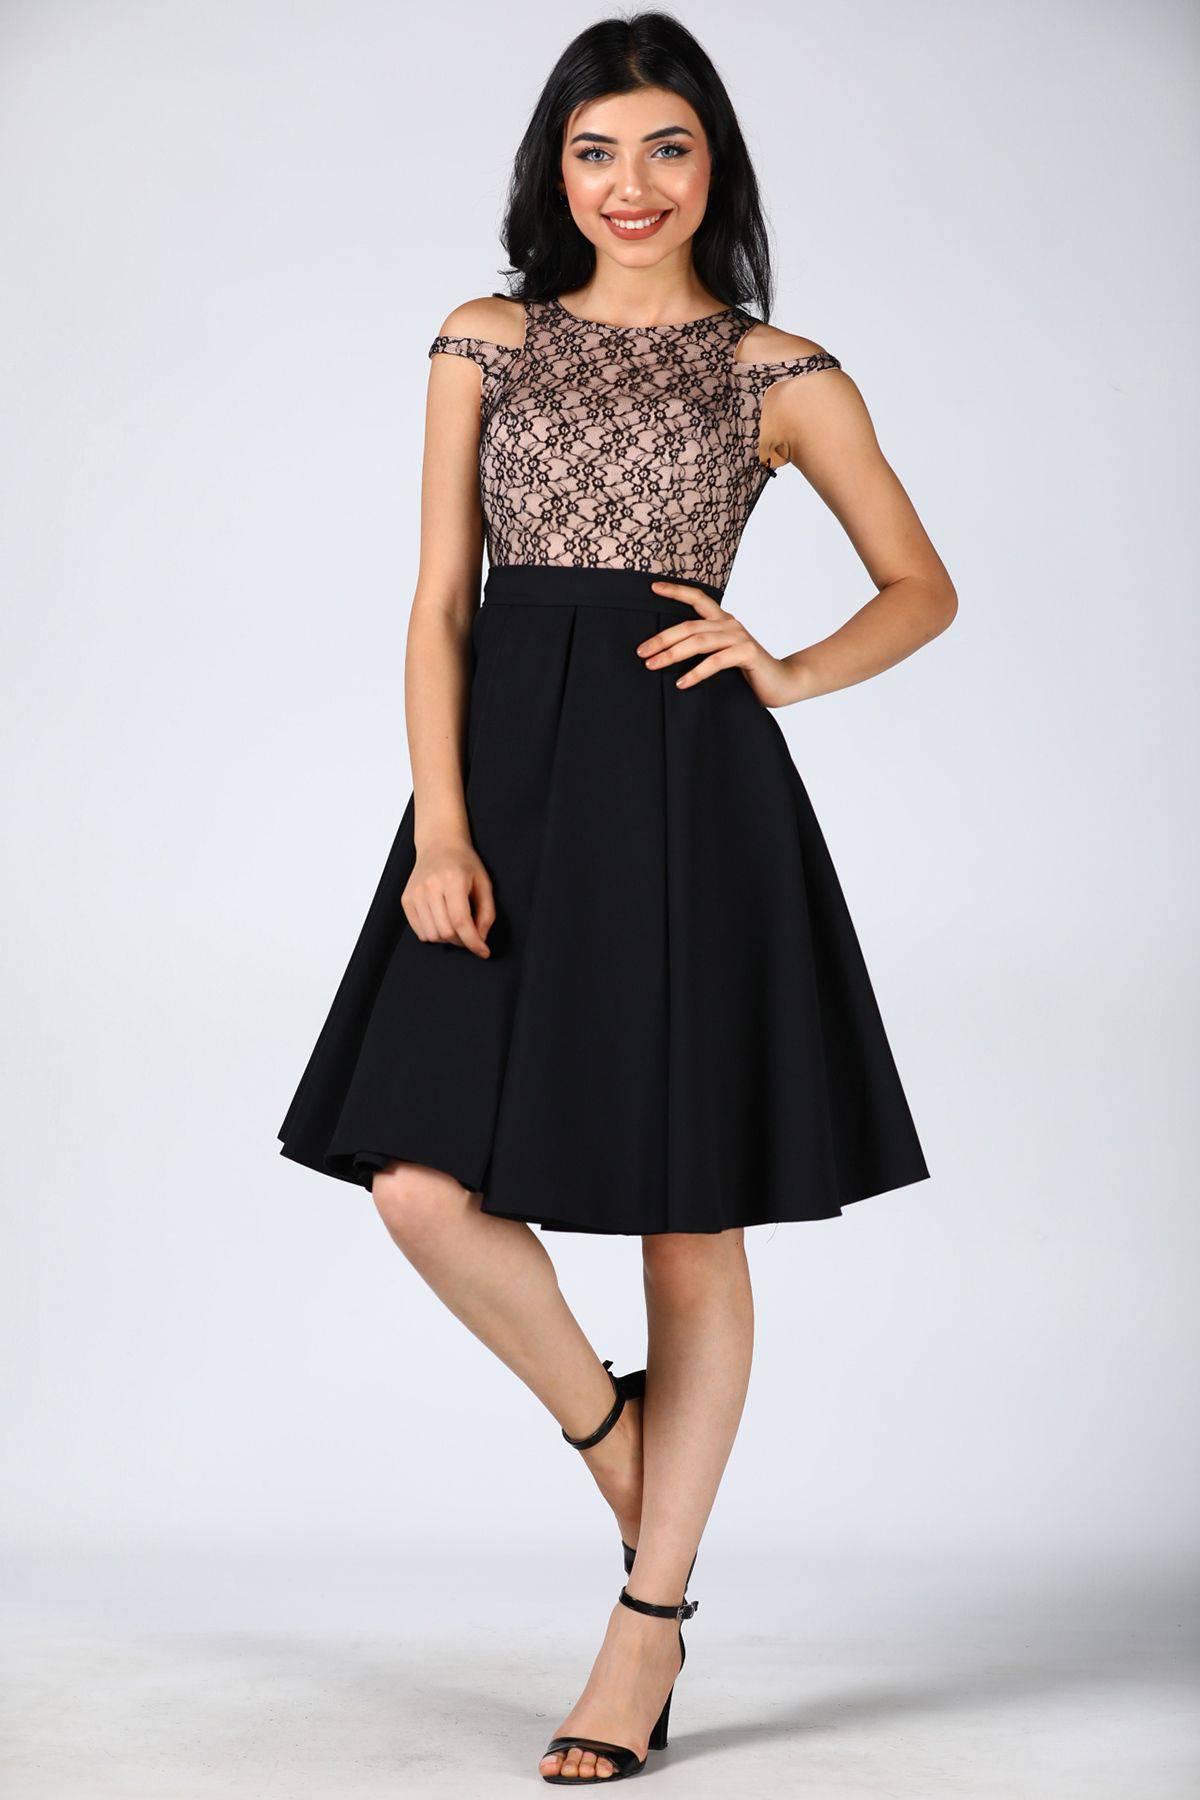 Yeni sezon Patırtı elbise modelleri 2019